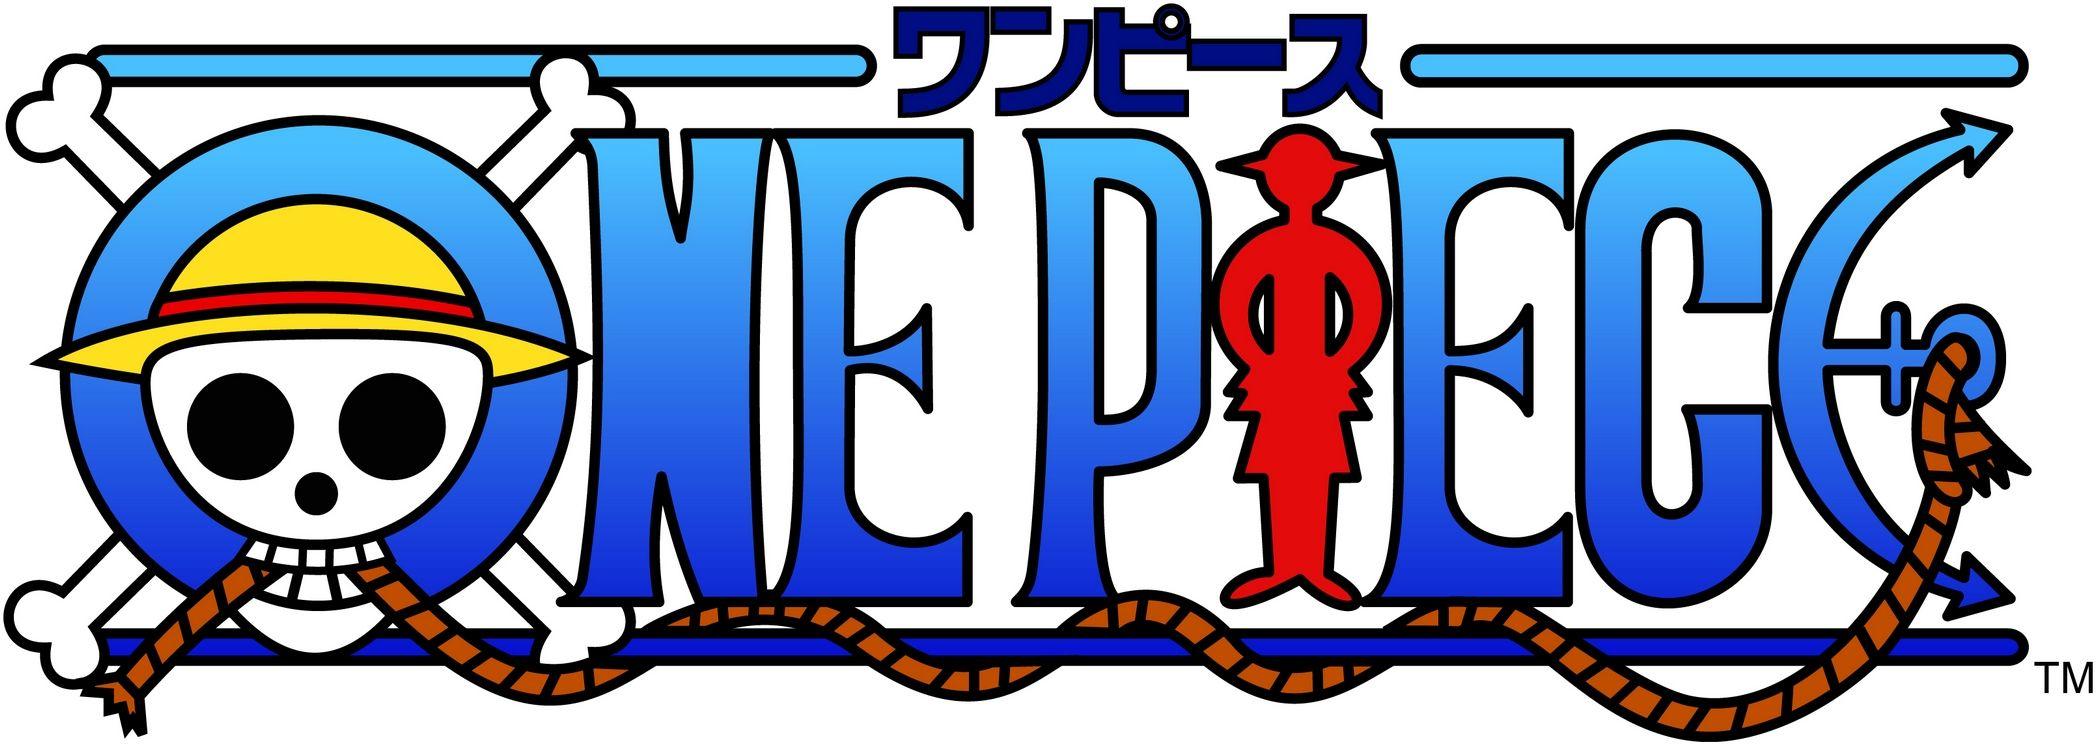 One Piece Logo Vector Free Logo Eps Download Jenis Huruf Tulisan Desain Logo Kartun